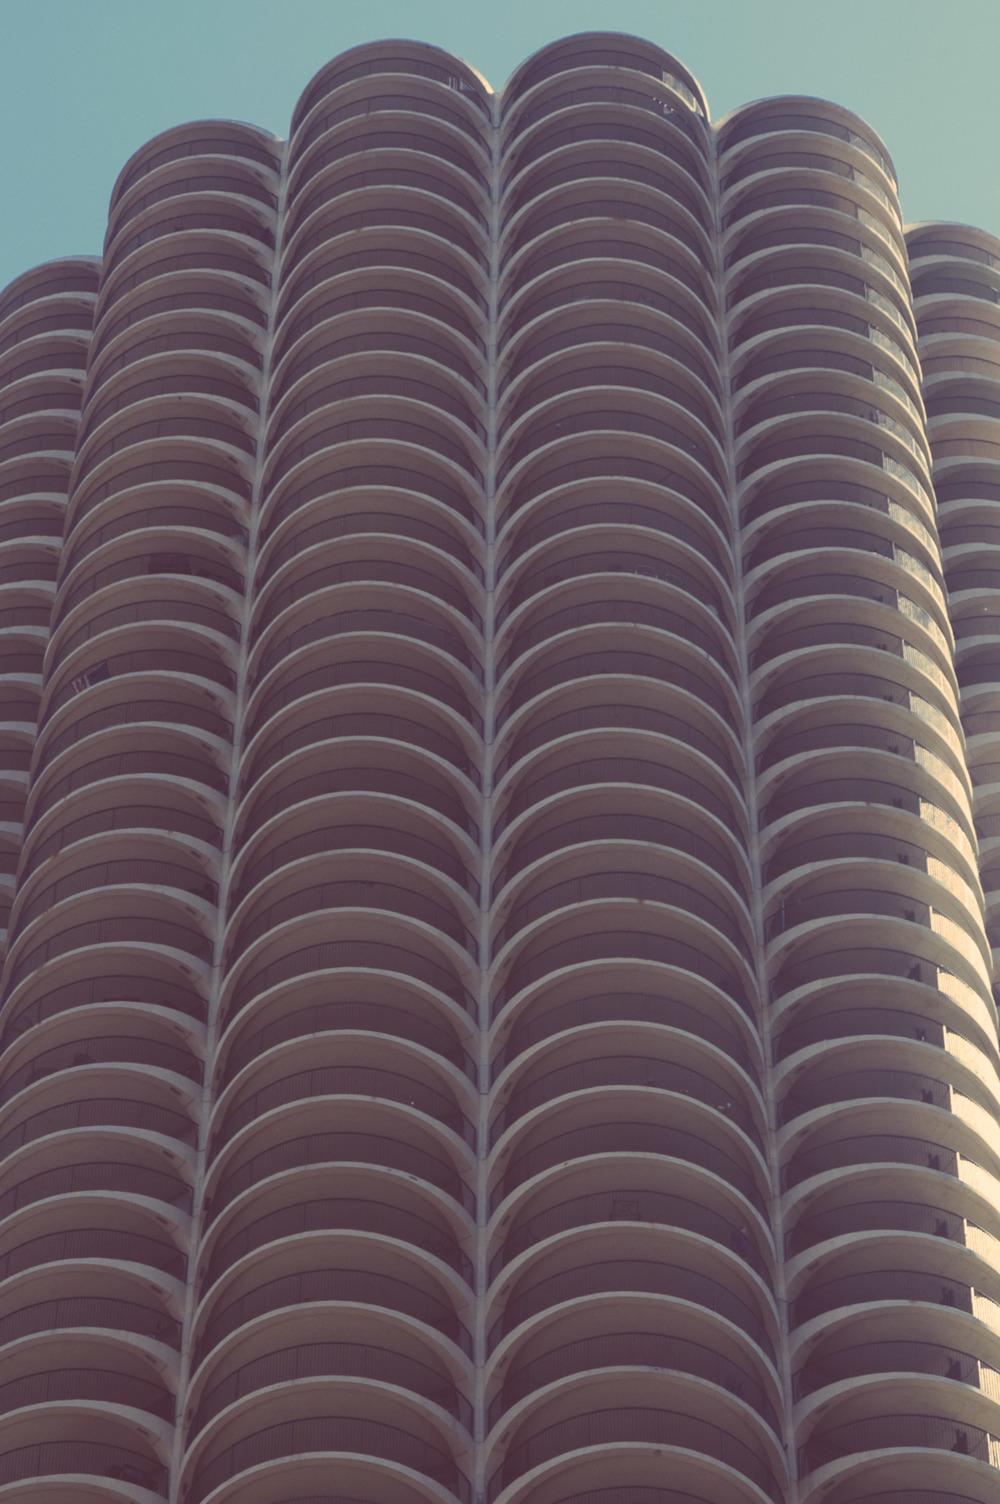 2008_0713_D70_ChicagoBoatTour_DSC_0111.jpg